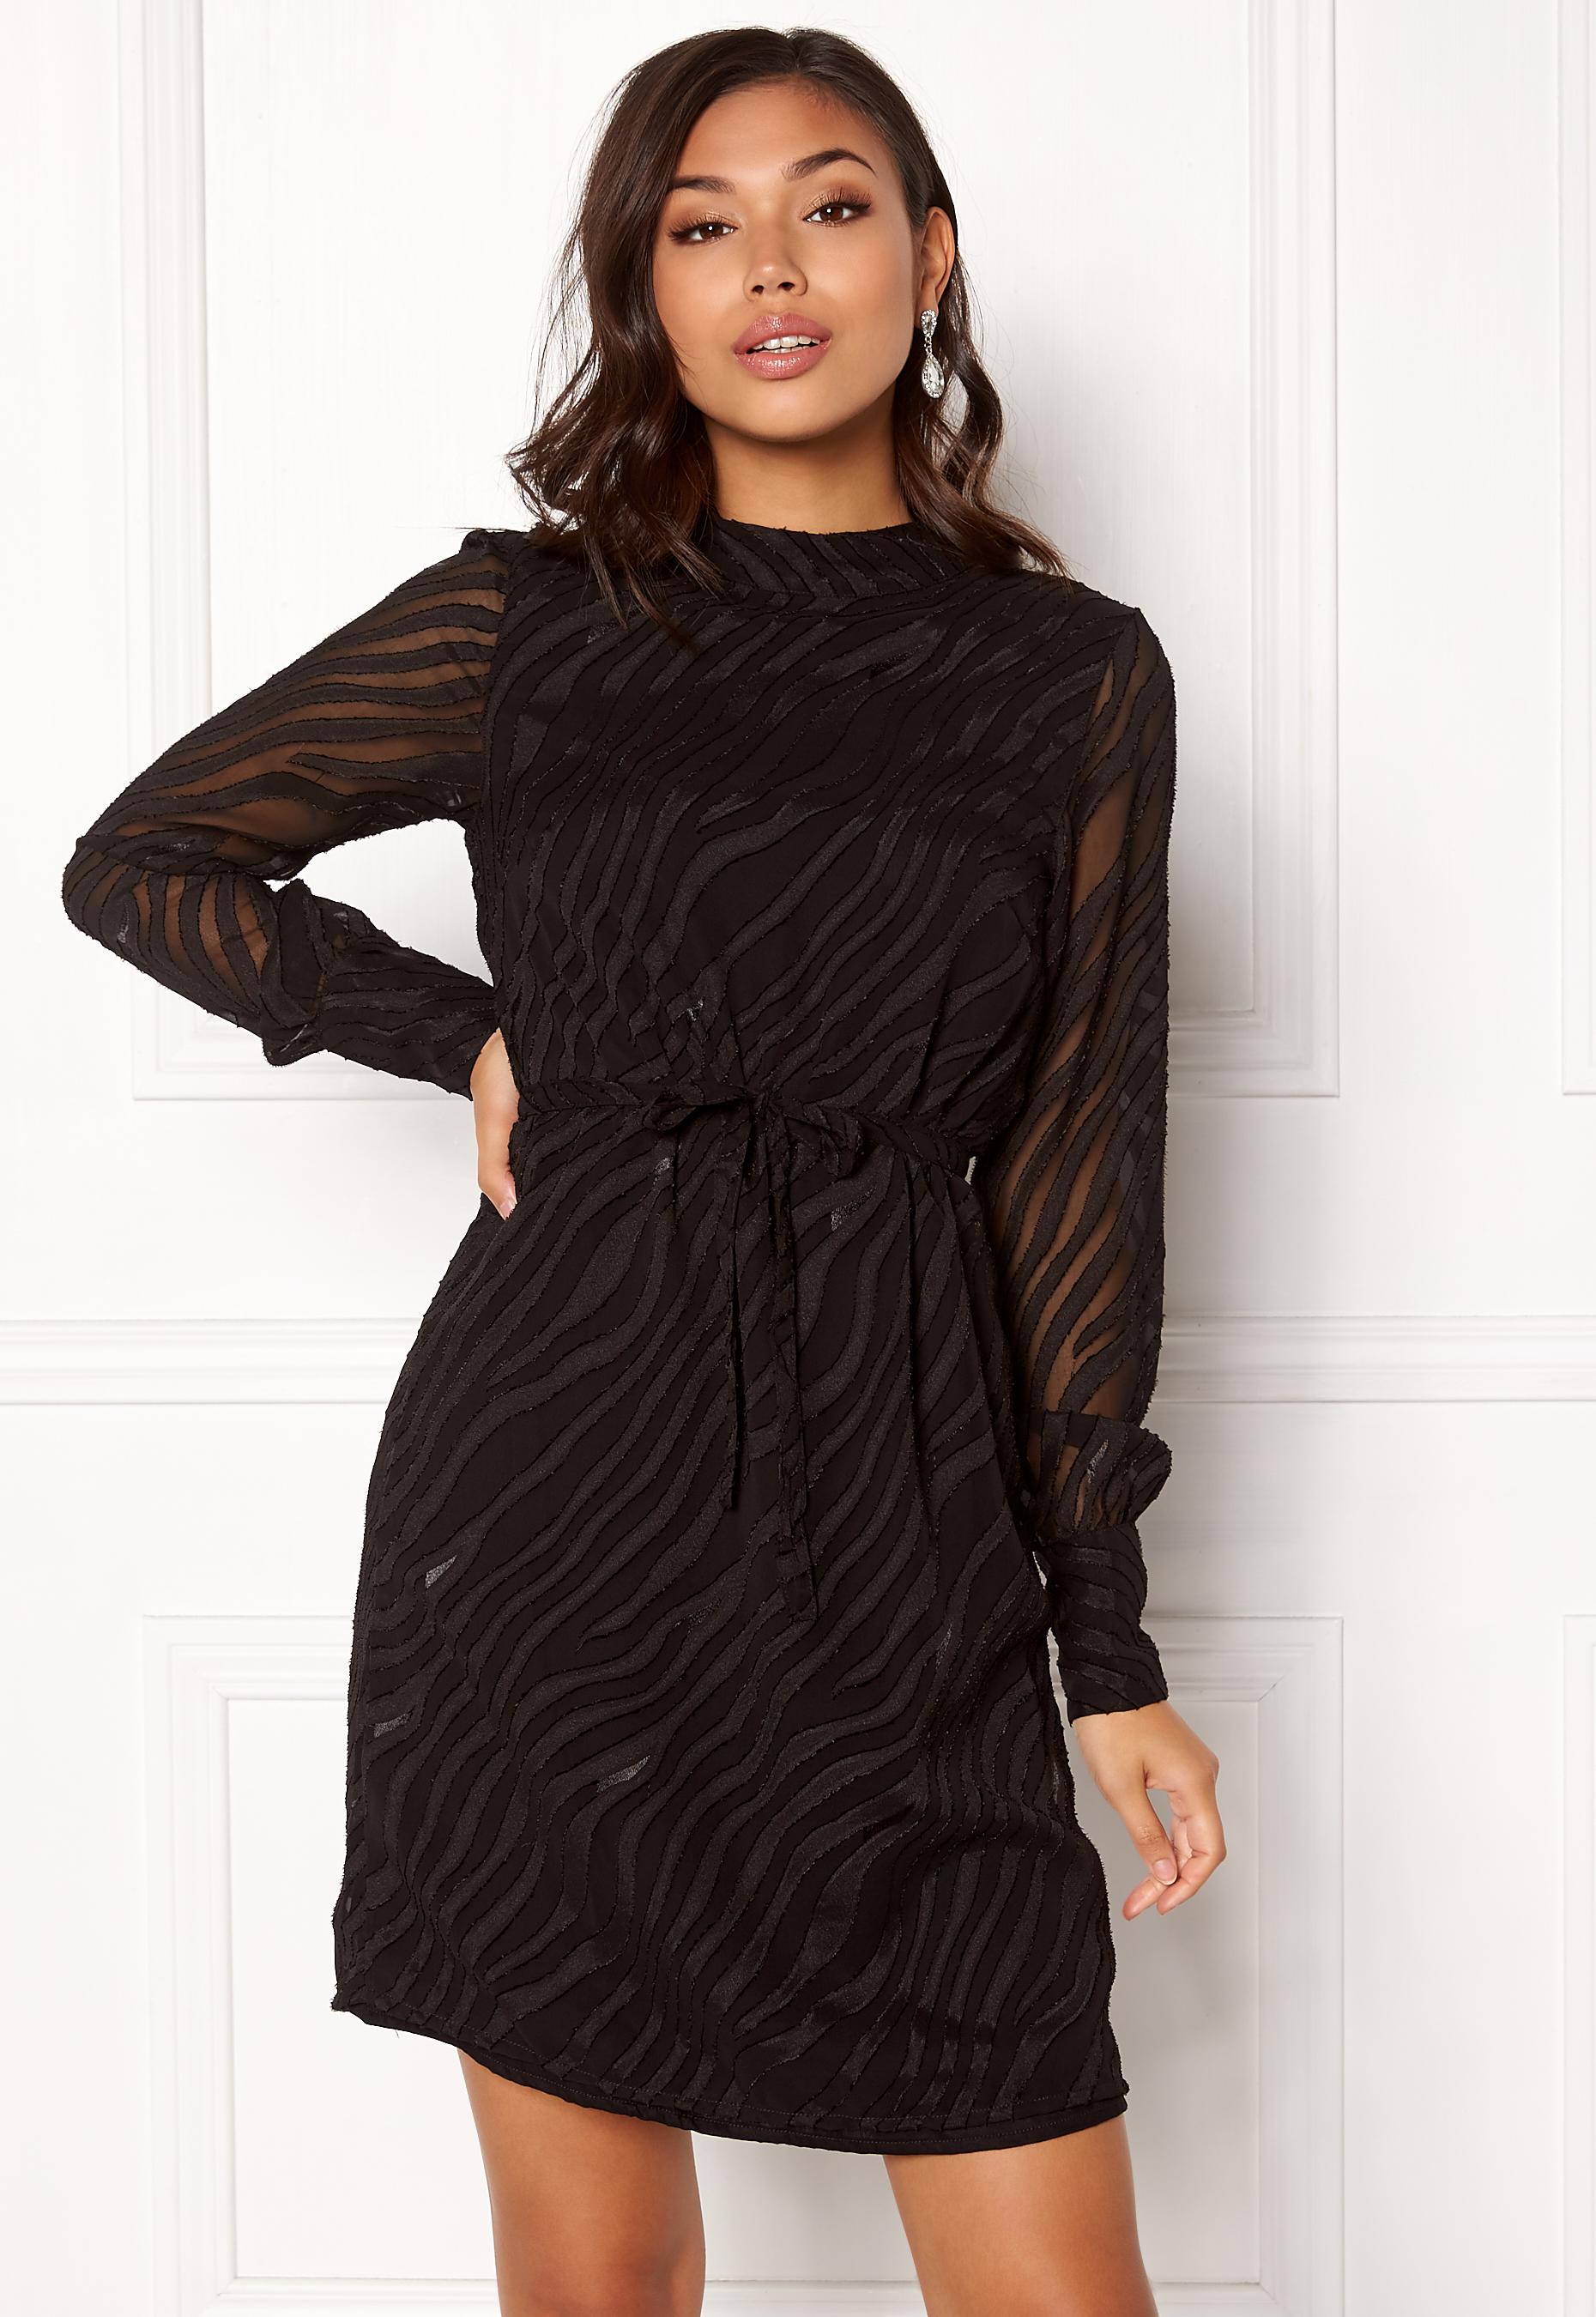 eac9a6c44de2 OBJECT Gabrielle L S Dress Black - Bubbleroom